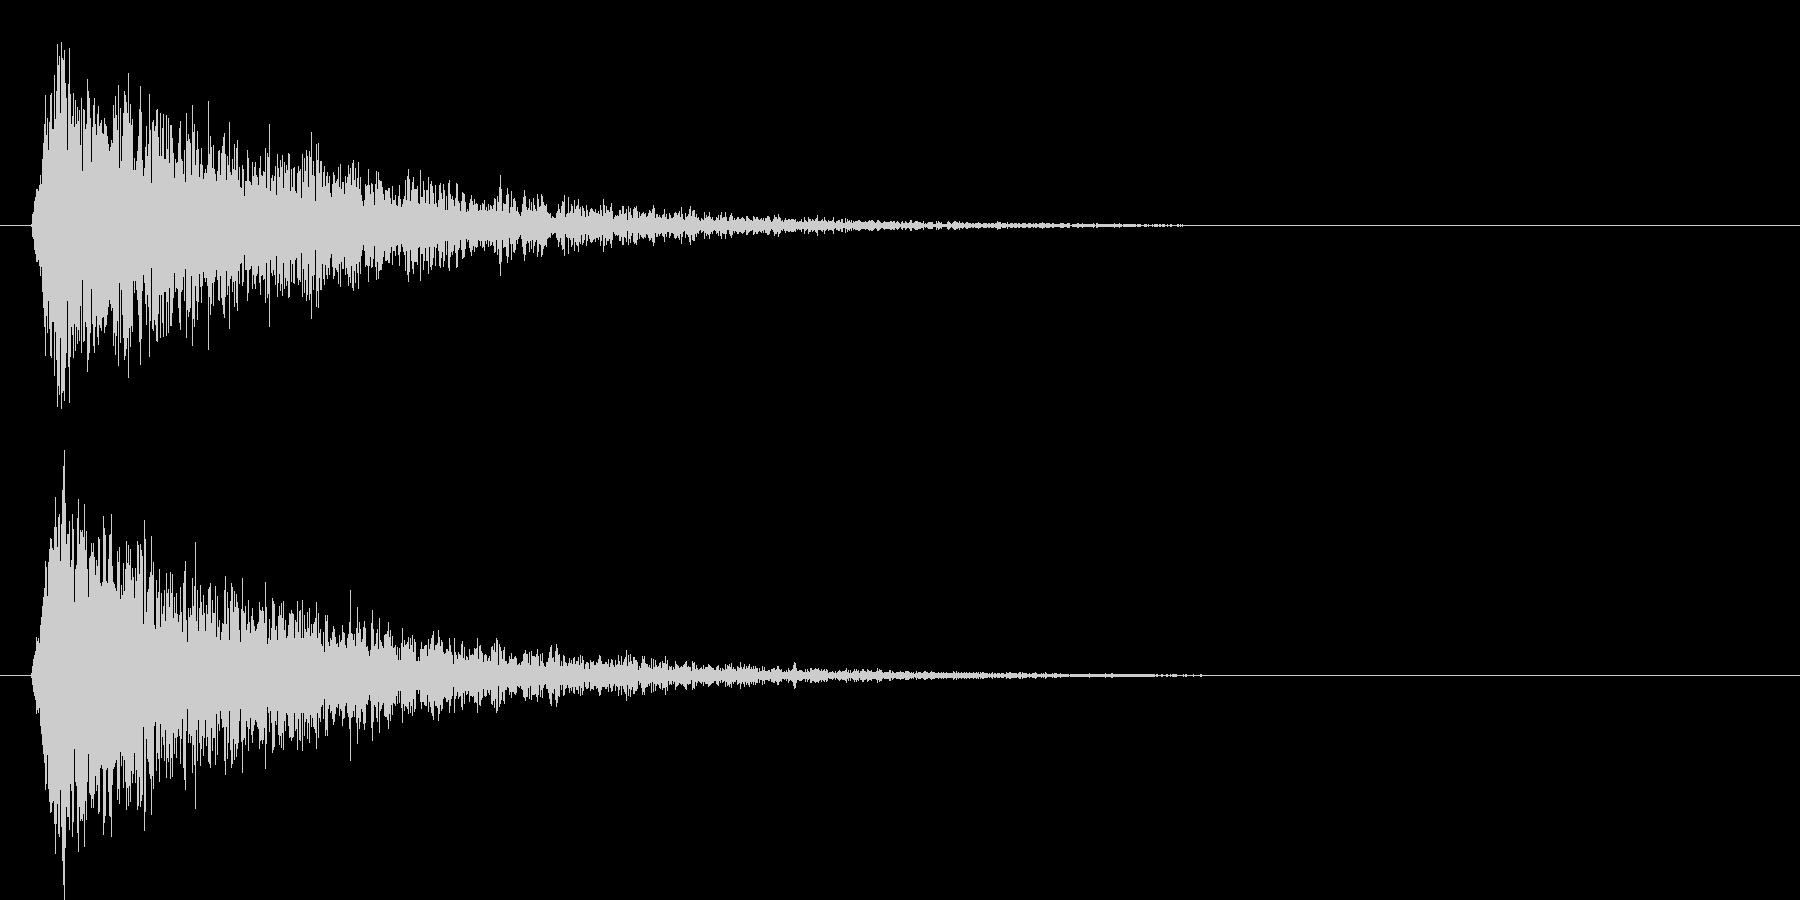 シャーン(斬撃音)の未再生の波形